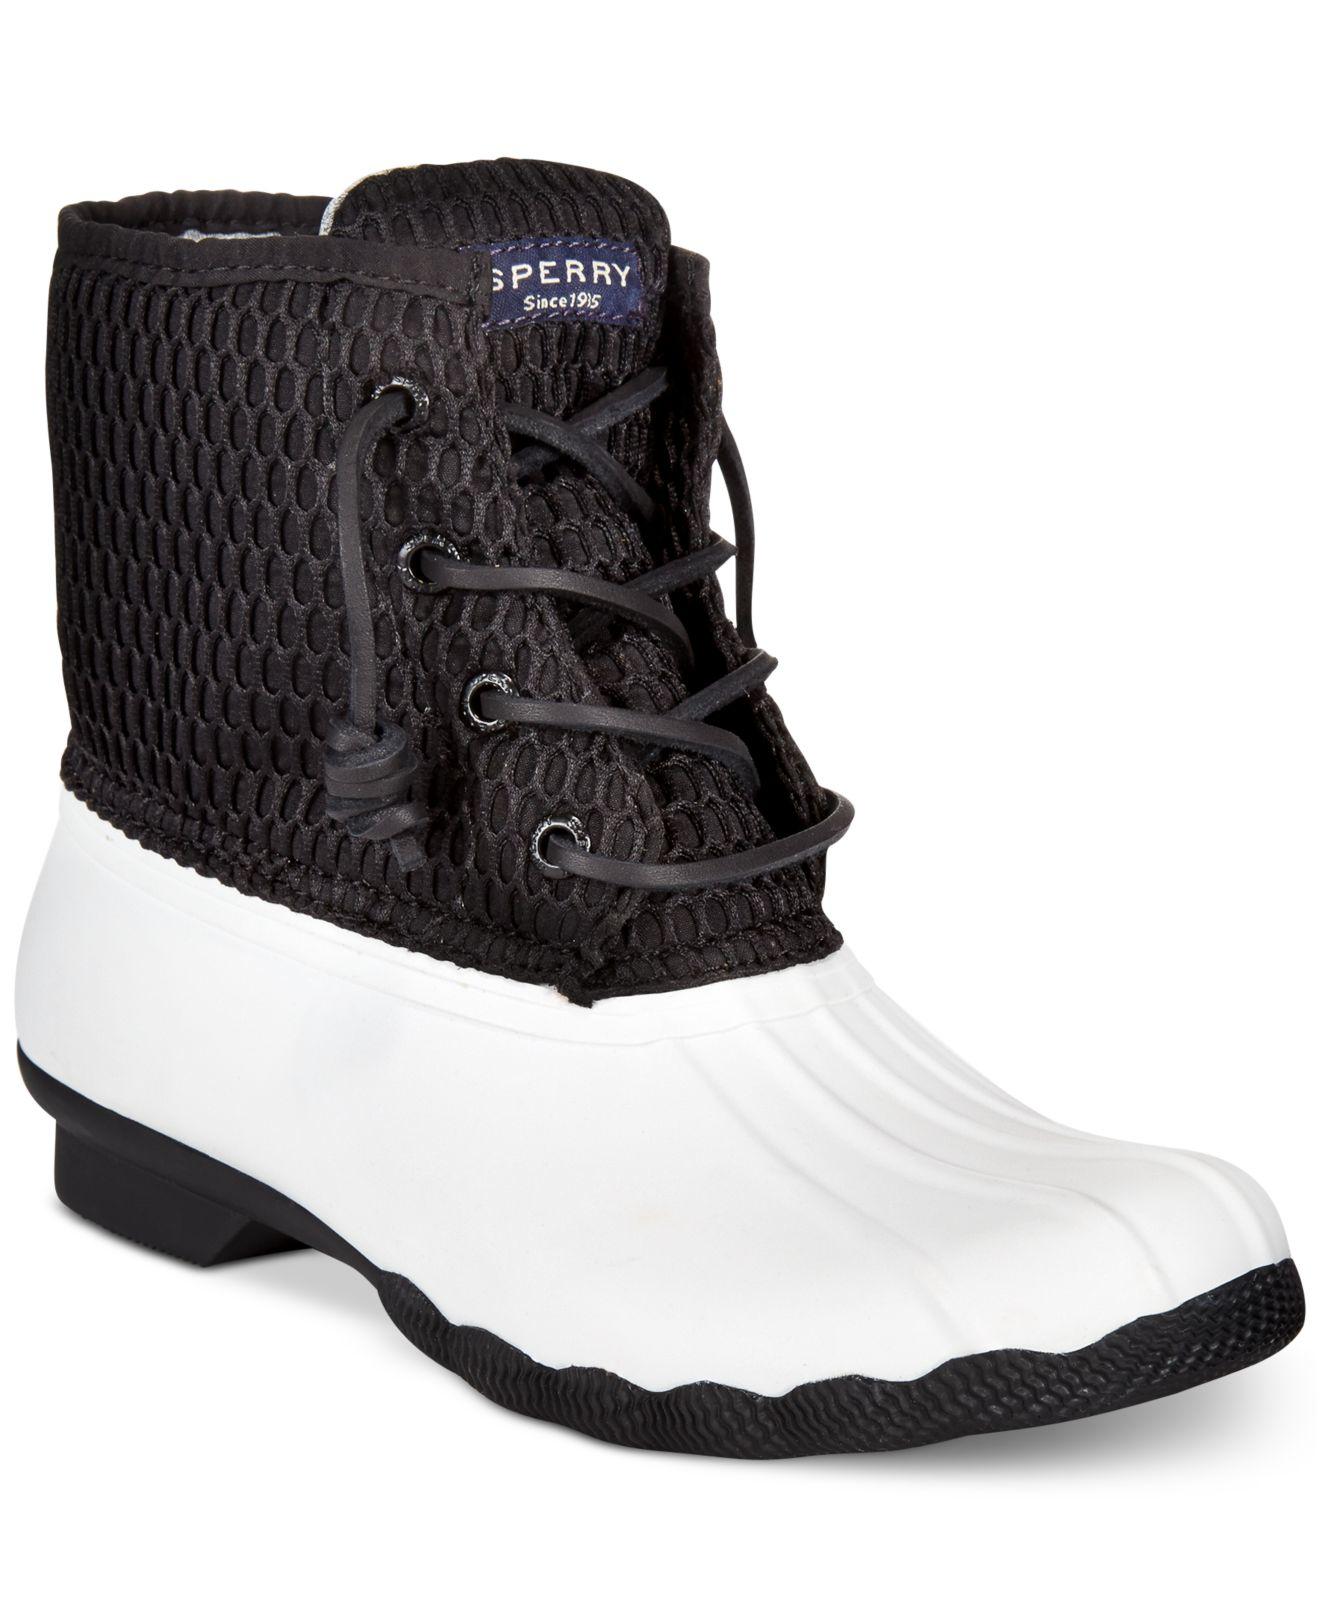 ee3ecedc3bd3 Lyst - Sperry Top-Sider Women s Saltwater Duck Booties in Black sperry duck boots  womens